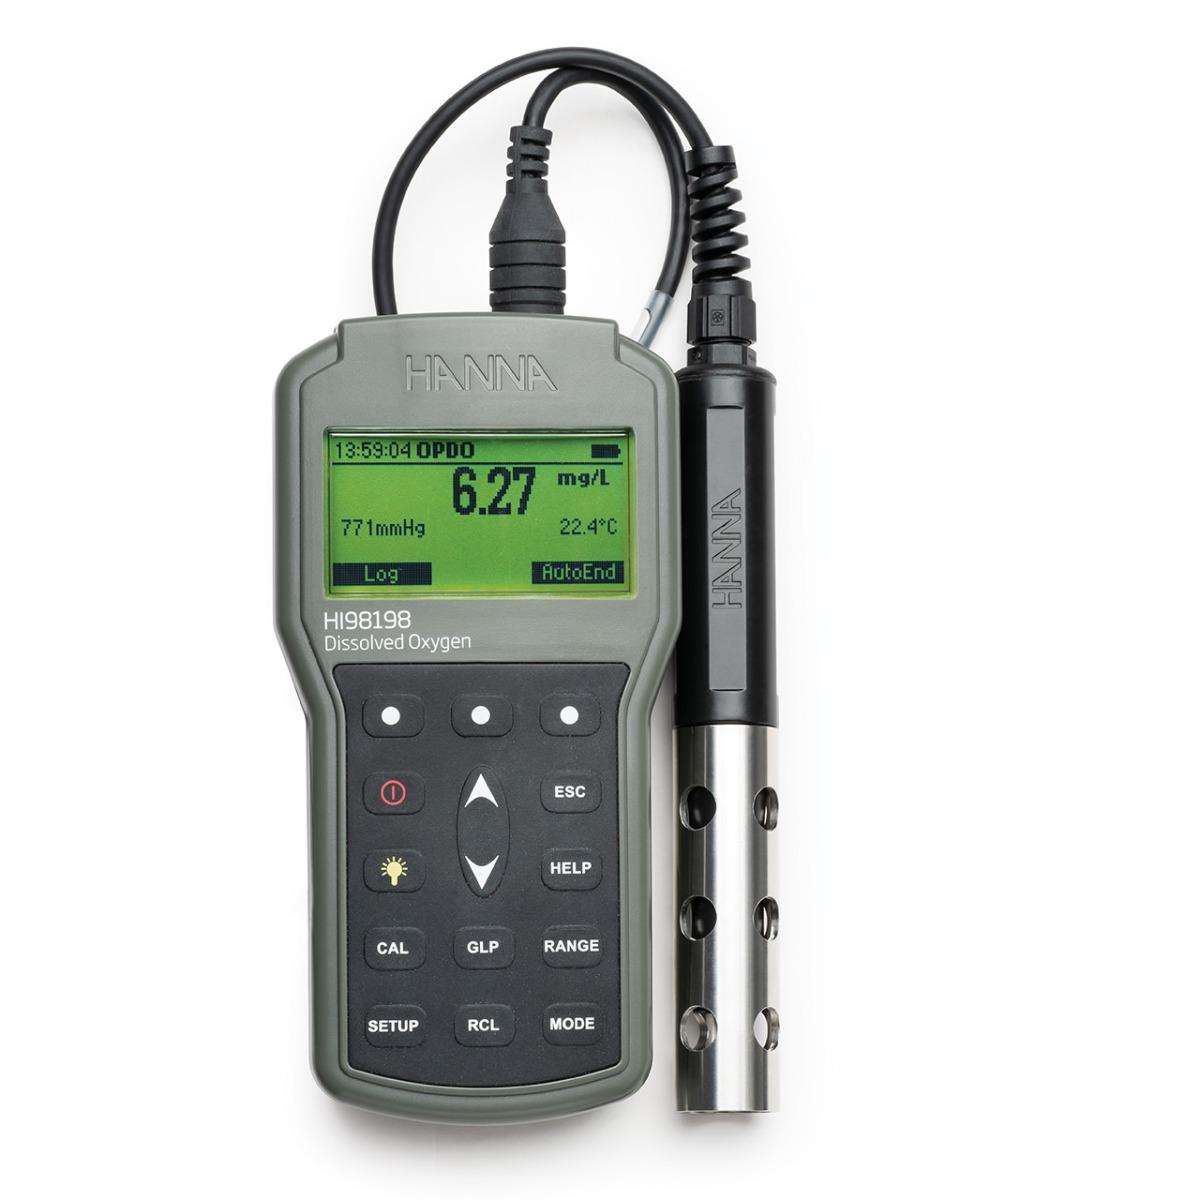 HI98198 - opdo Ossimetro con sensore ottico LDO (luminescenza)